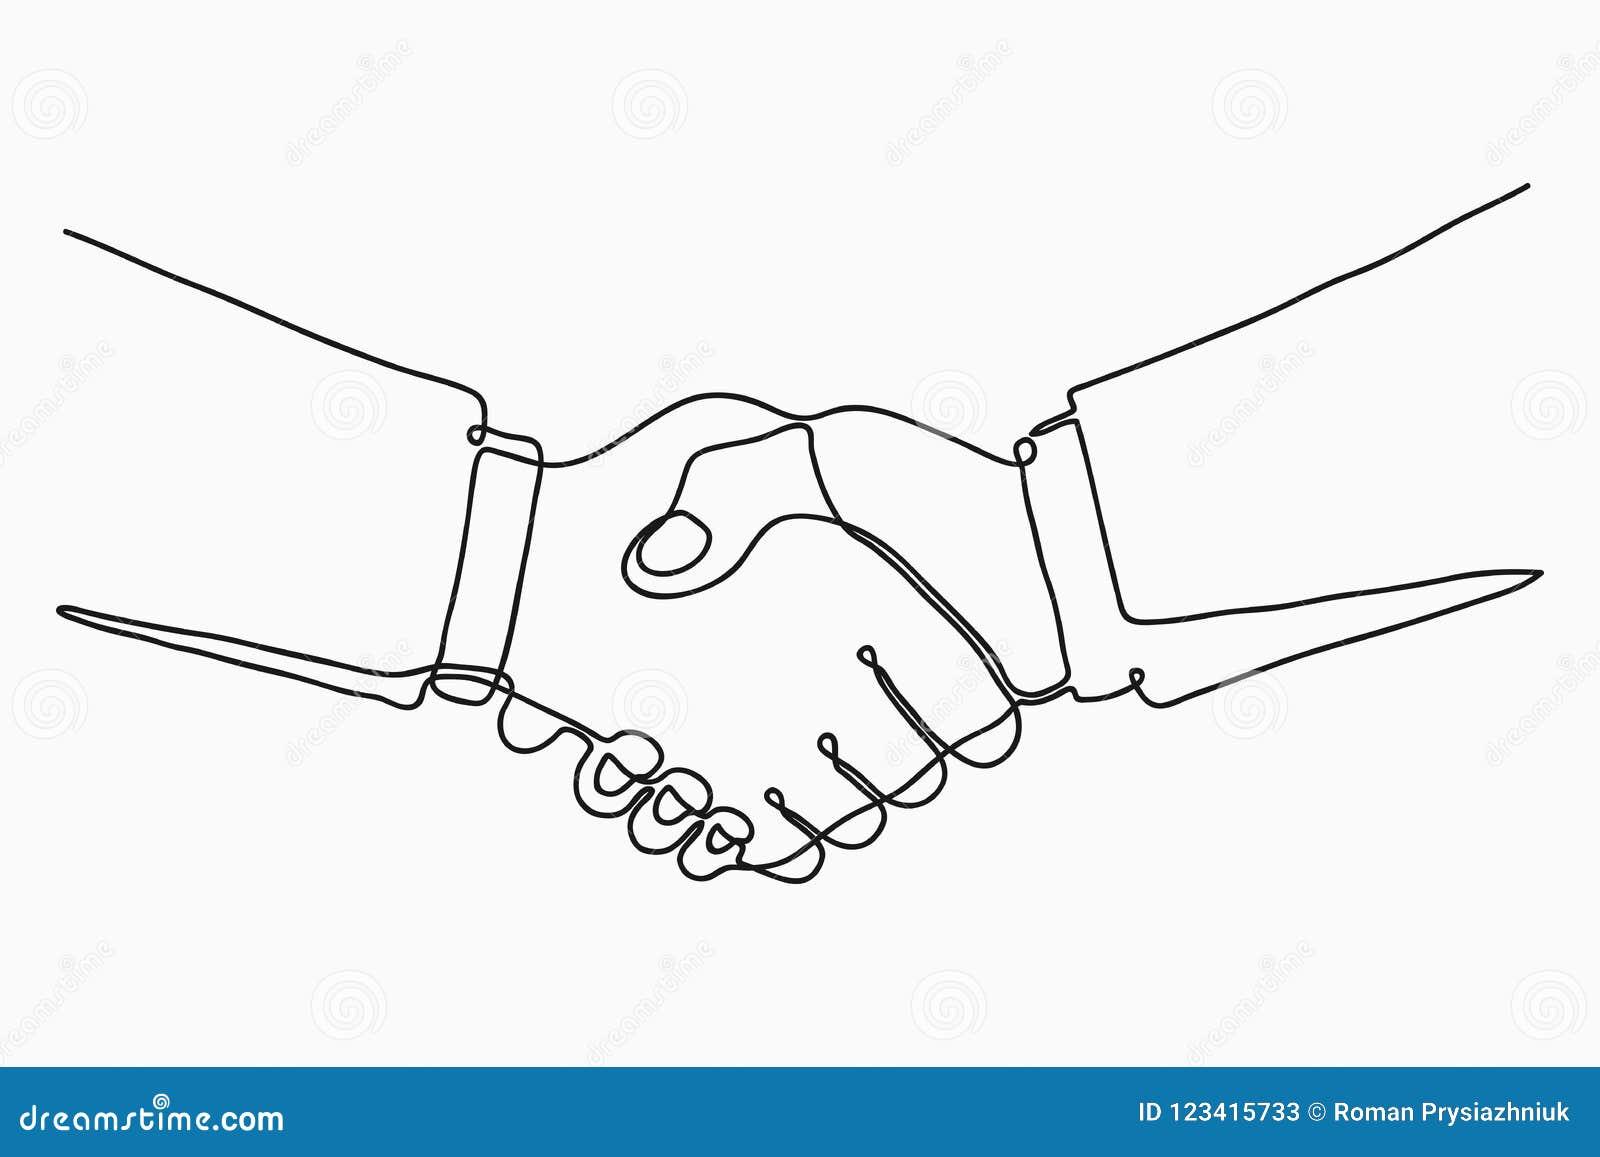 Disegno a tratteggio continuo della stretta di mano Handshake dei soci commerciali disegnati da una singola linea Vettore